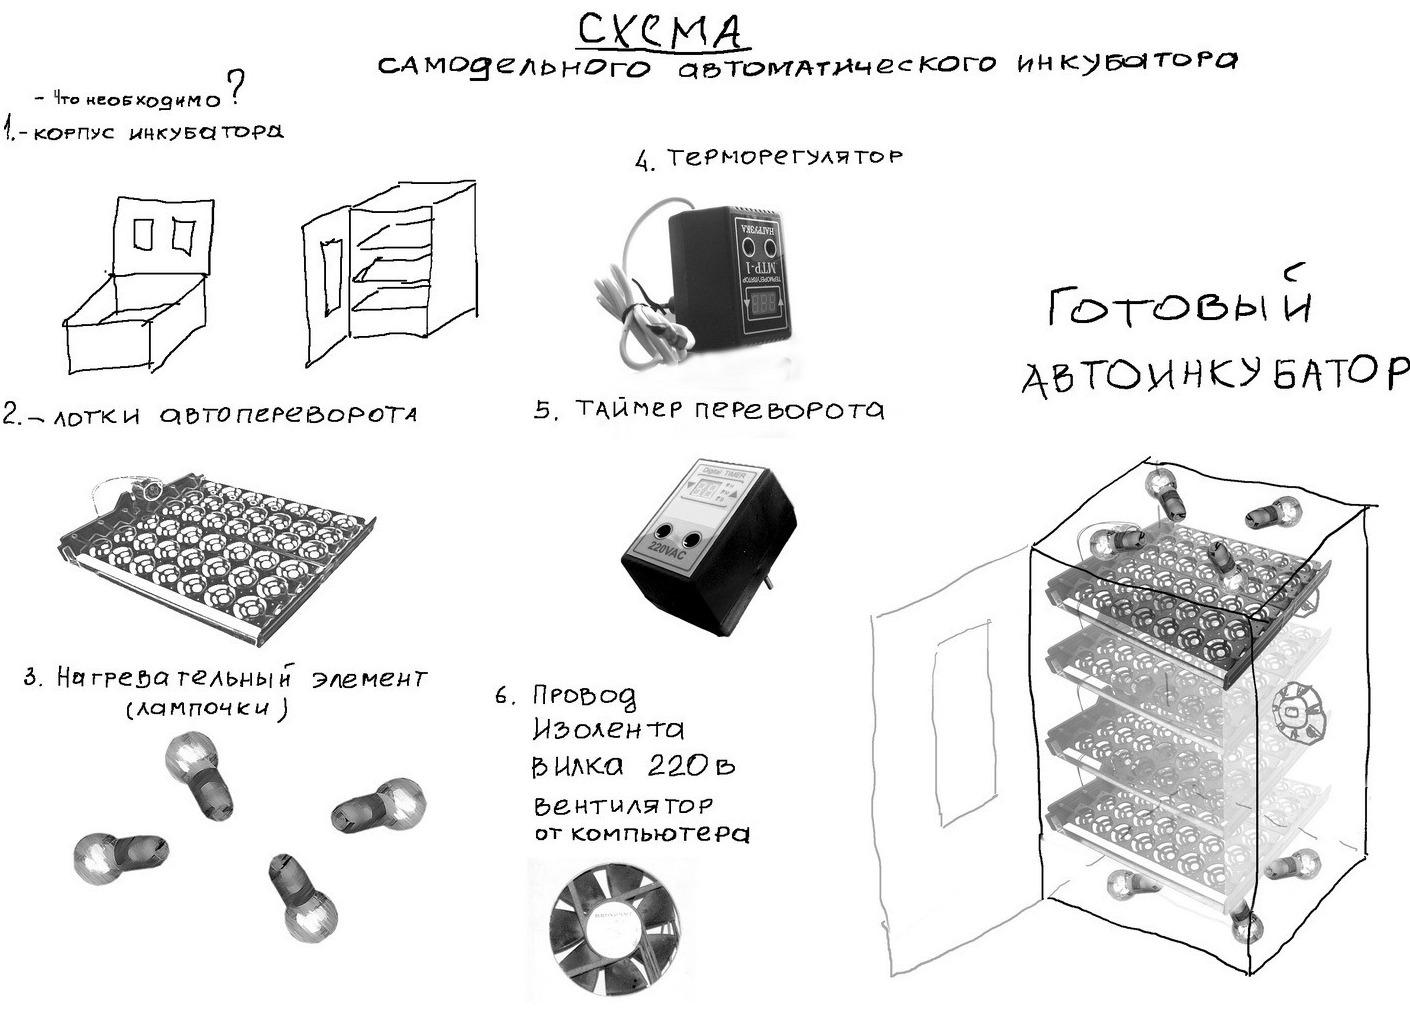 Самодельный автоматический инкубатор